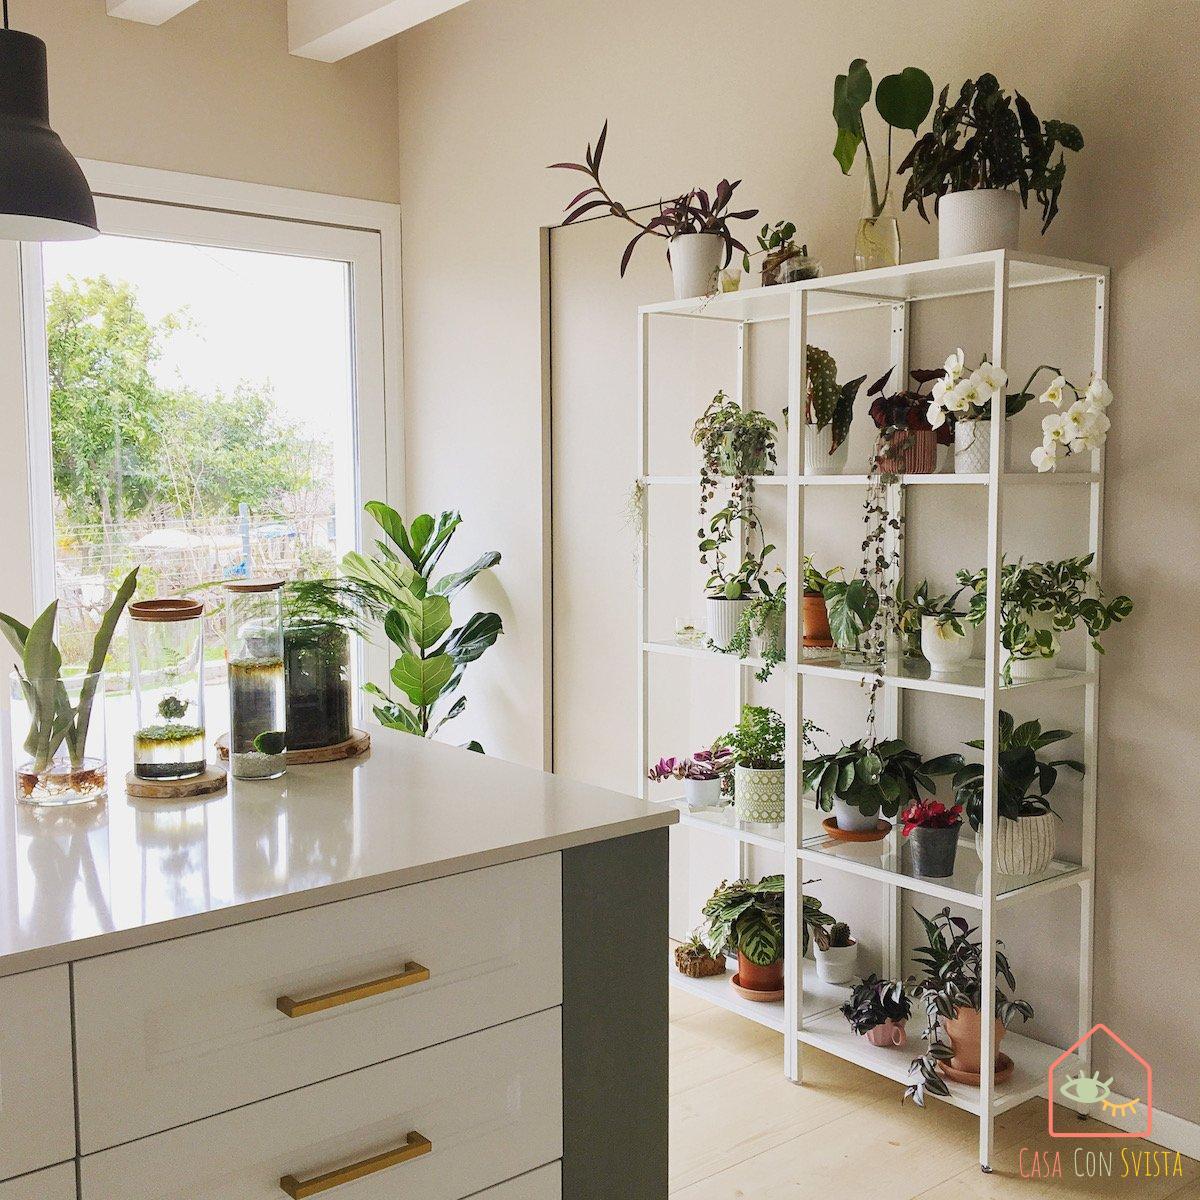 piante-casa-verde-salvia